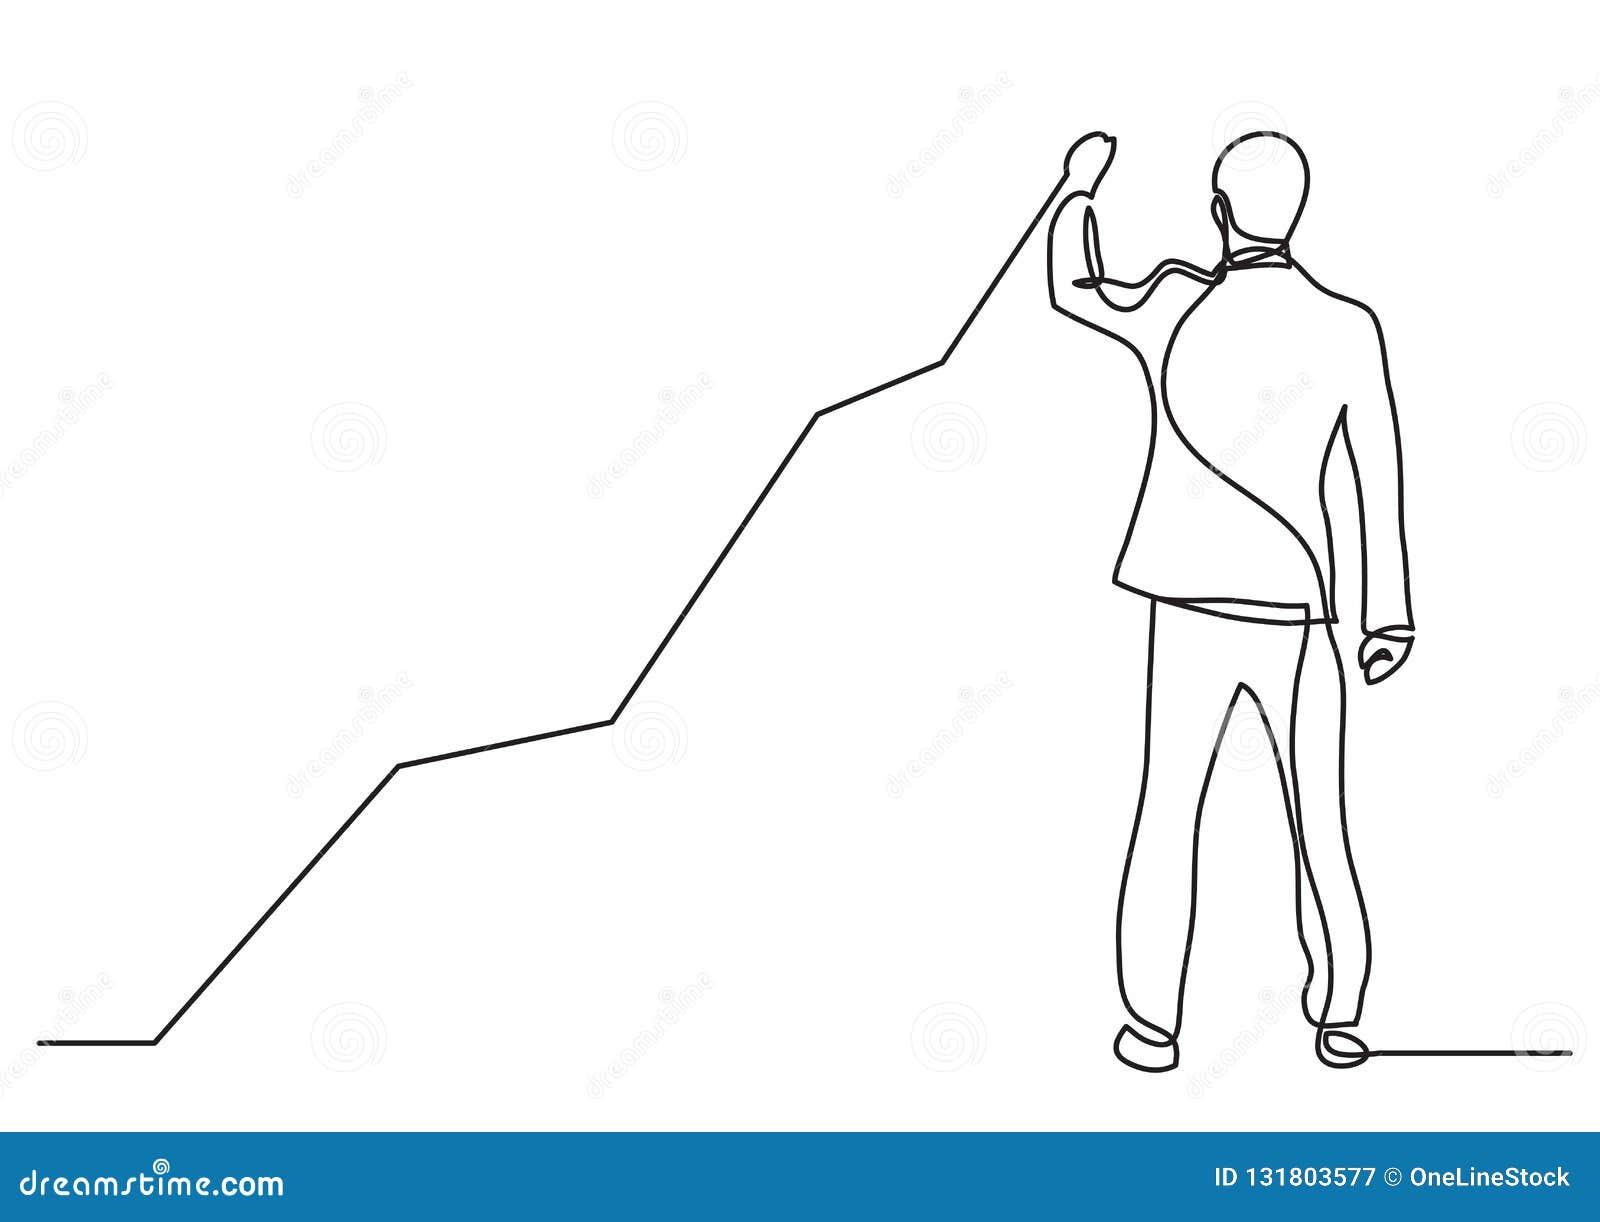 Dibujo lineal continuo de la situación de negocio - diagrama de levantamiento del dibujo del hombre de negocios de la situación